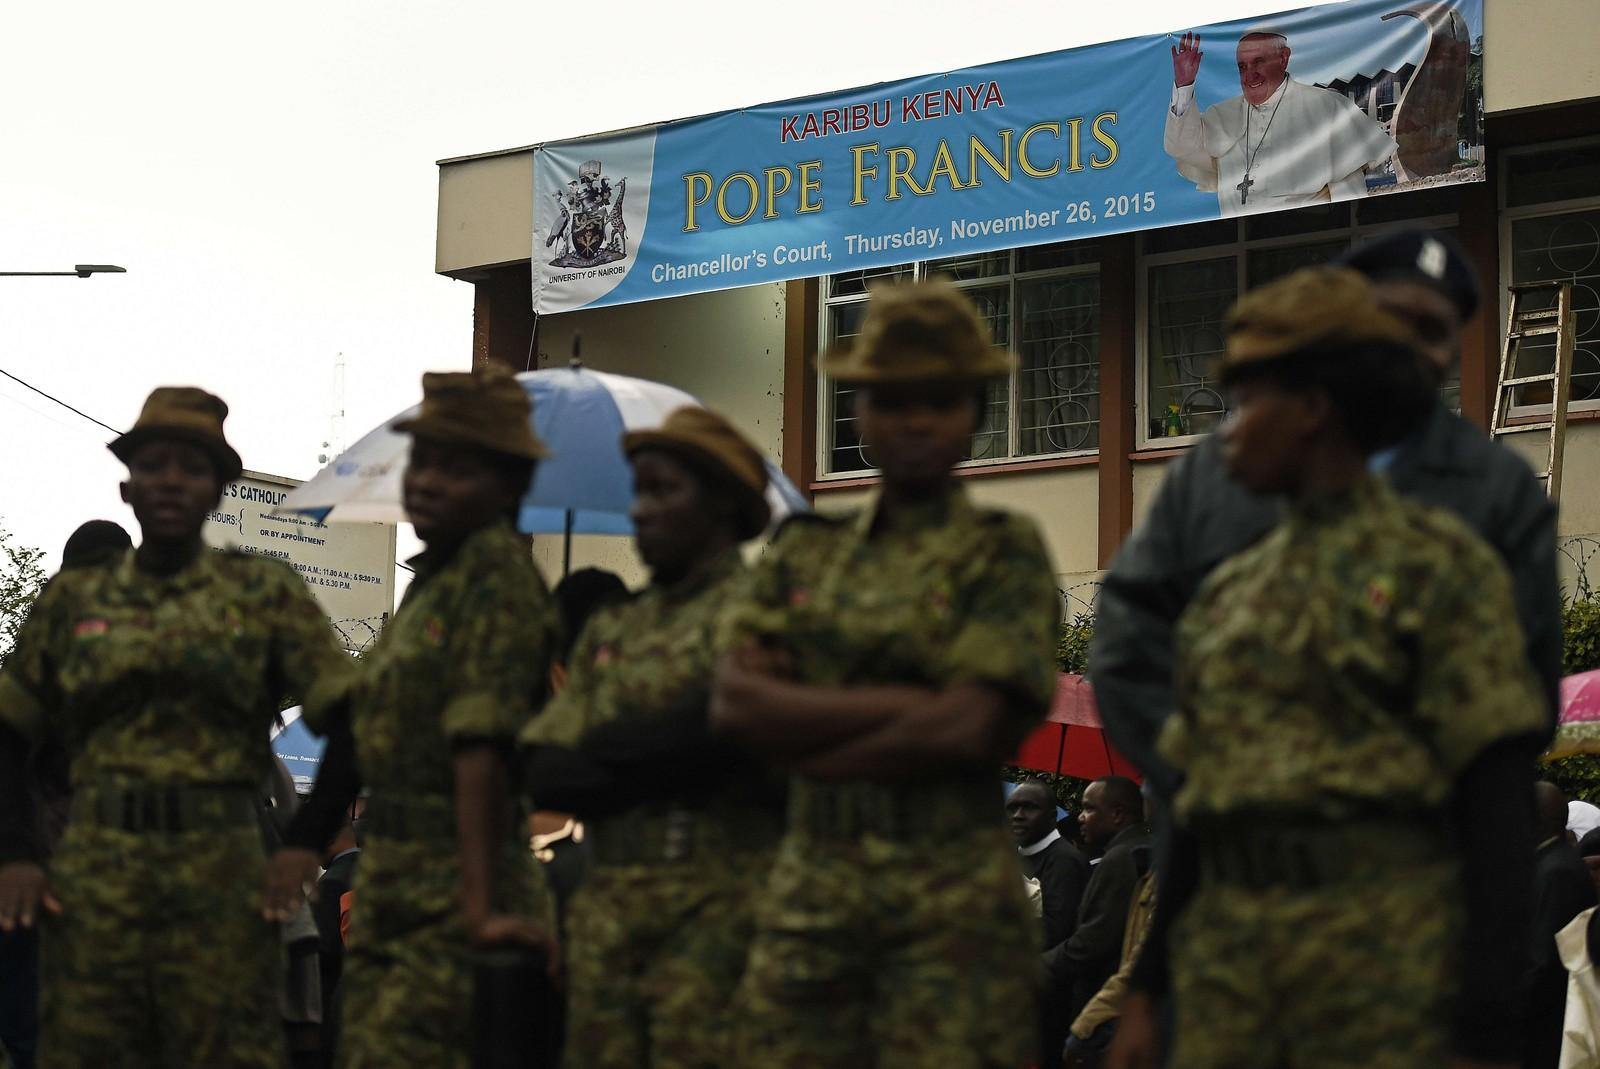 Tusenvis av politifolk og soldater var utplassert og hovedgater inn til Kenya var sperret av i forbindelse med pavens besøk i Nairobi.